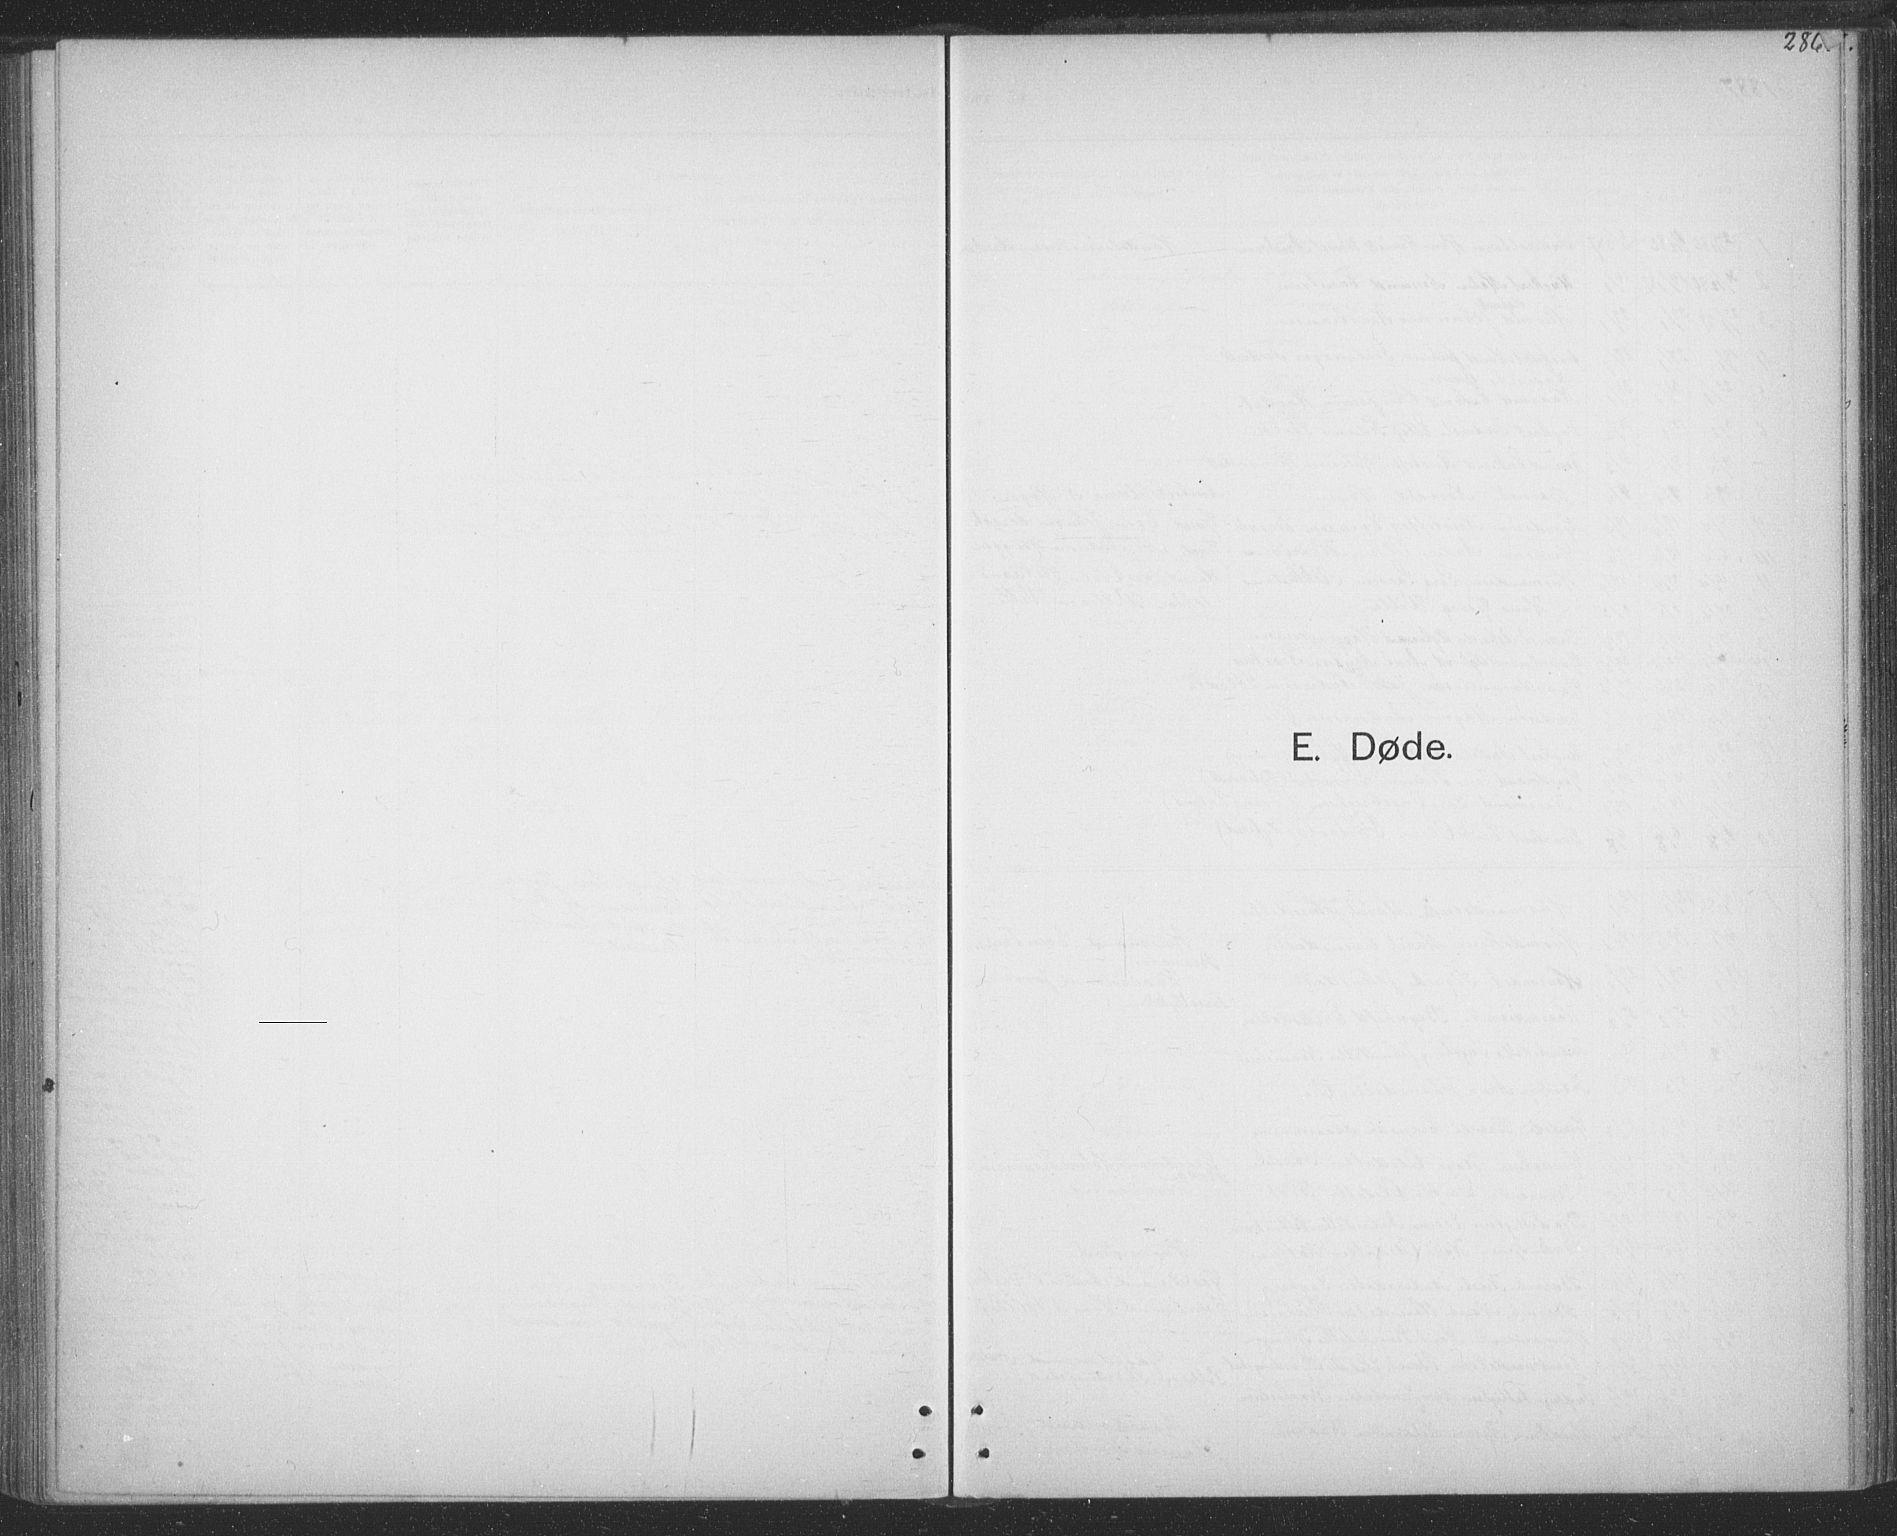 SAT, Ministerialprotokoller, klokkerbøker og fødselsregistre - Sør-Trøndelag, 691/L1085: Ministerialbok nr. 691A17, 1887-1908, s. 286